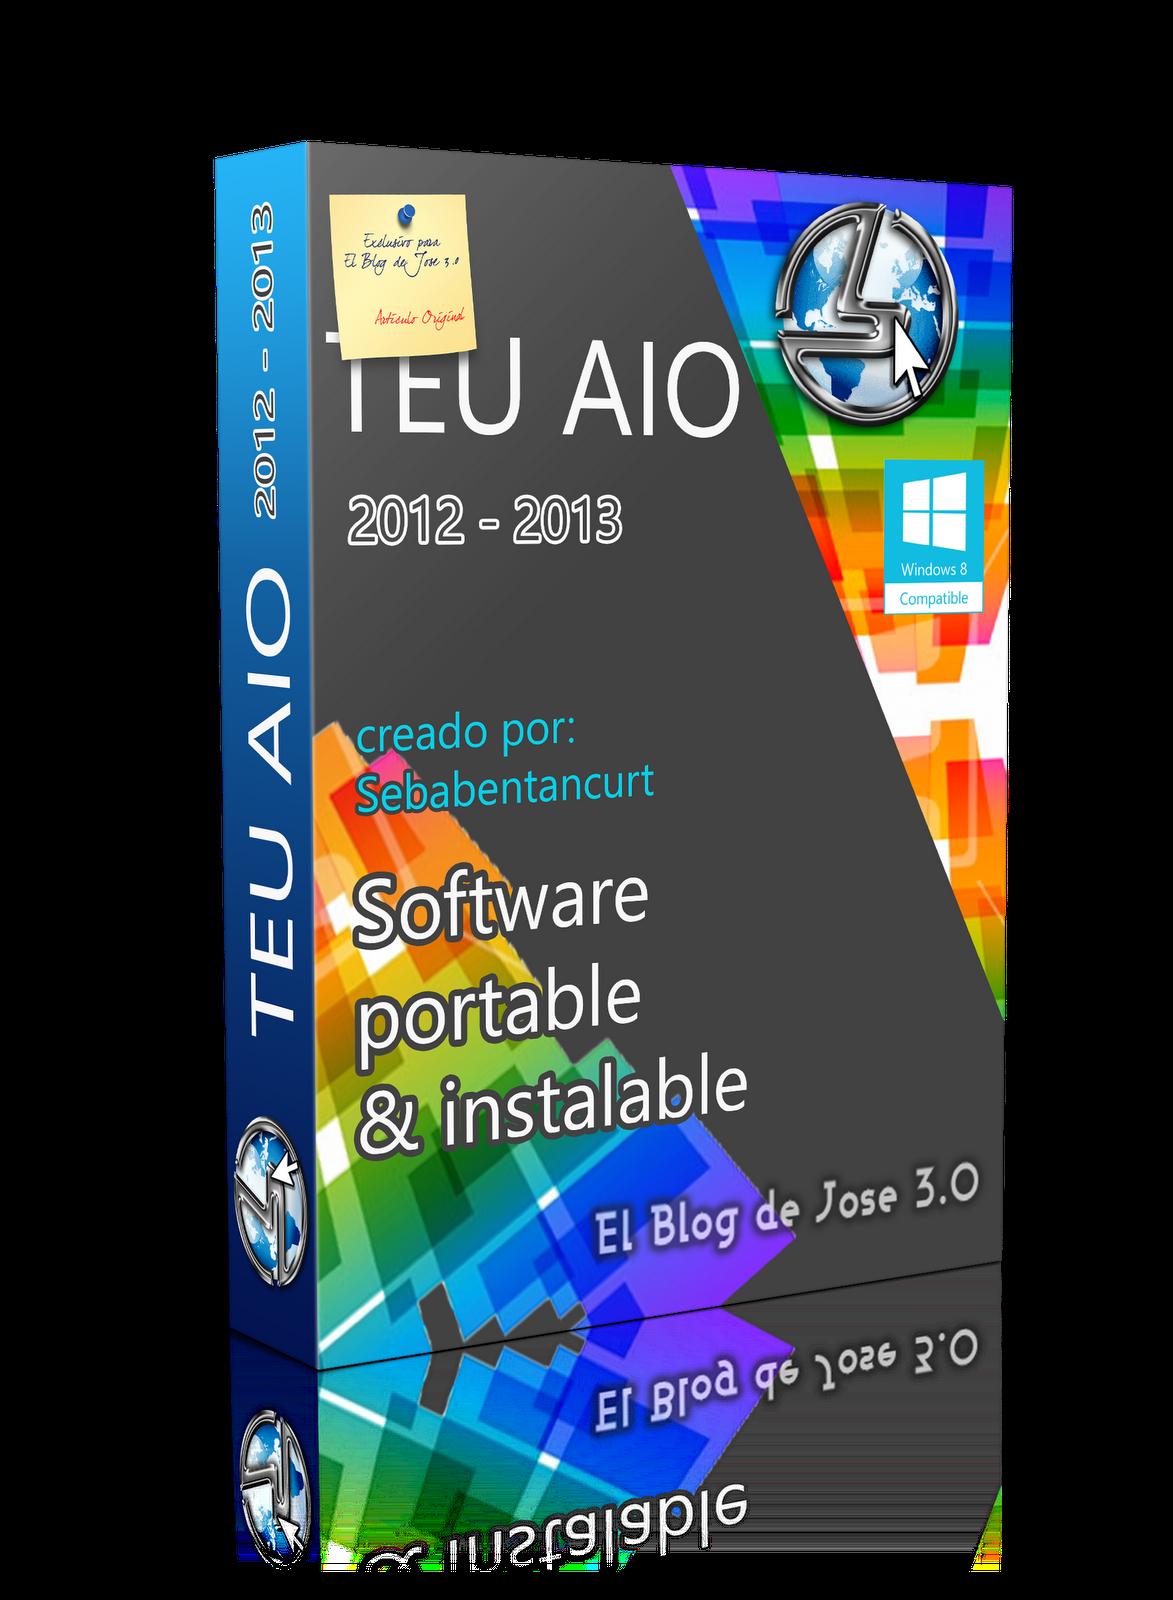 Todo En Uno 2012-2013 (Instalables y Portables) Español MEGA